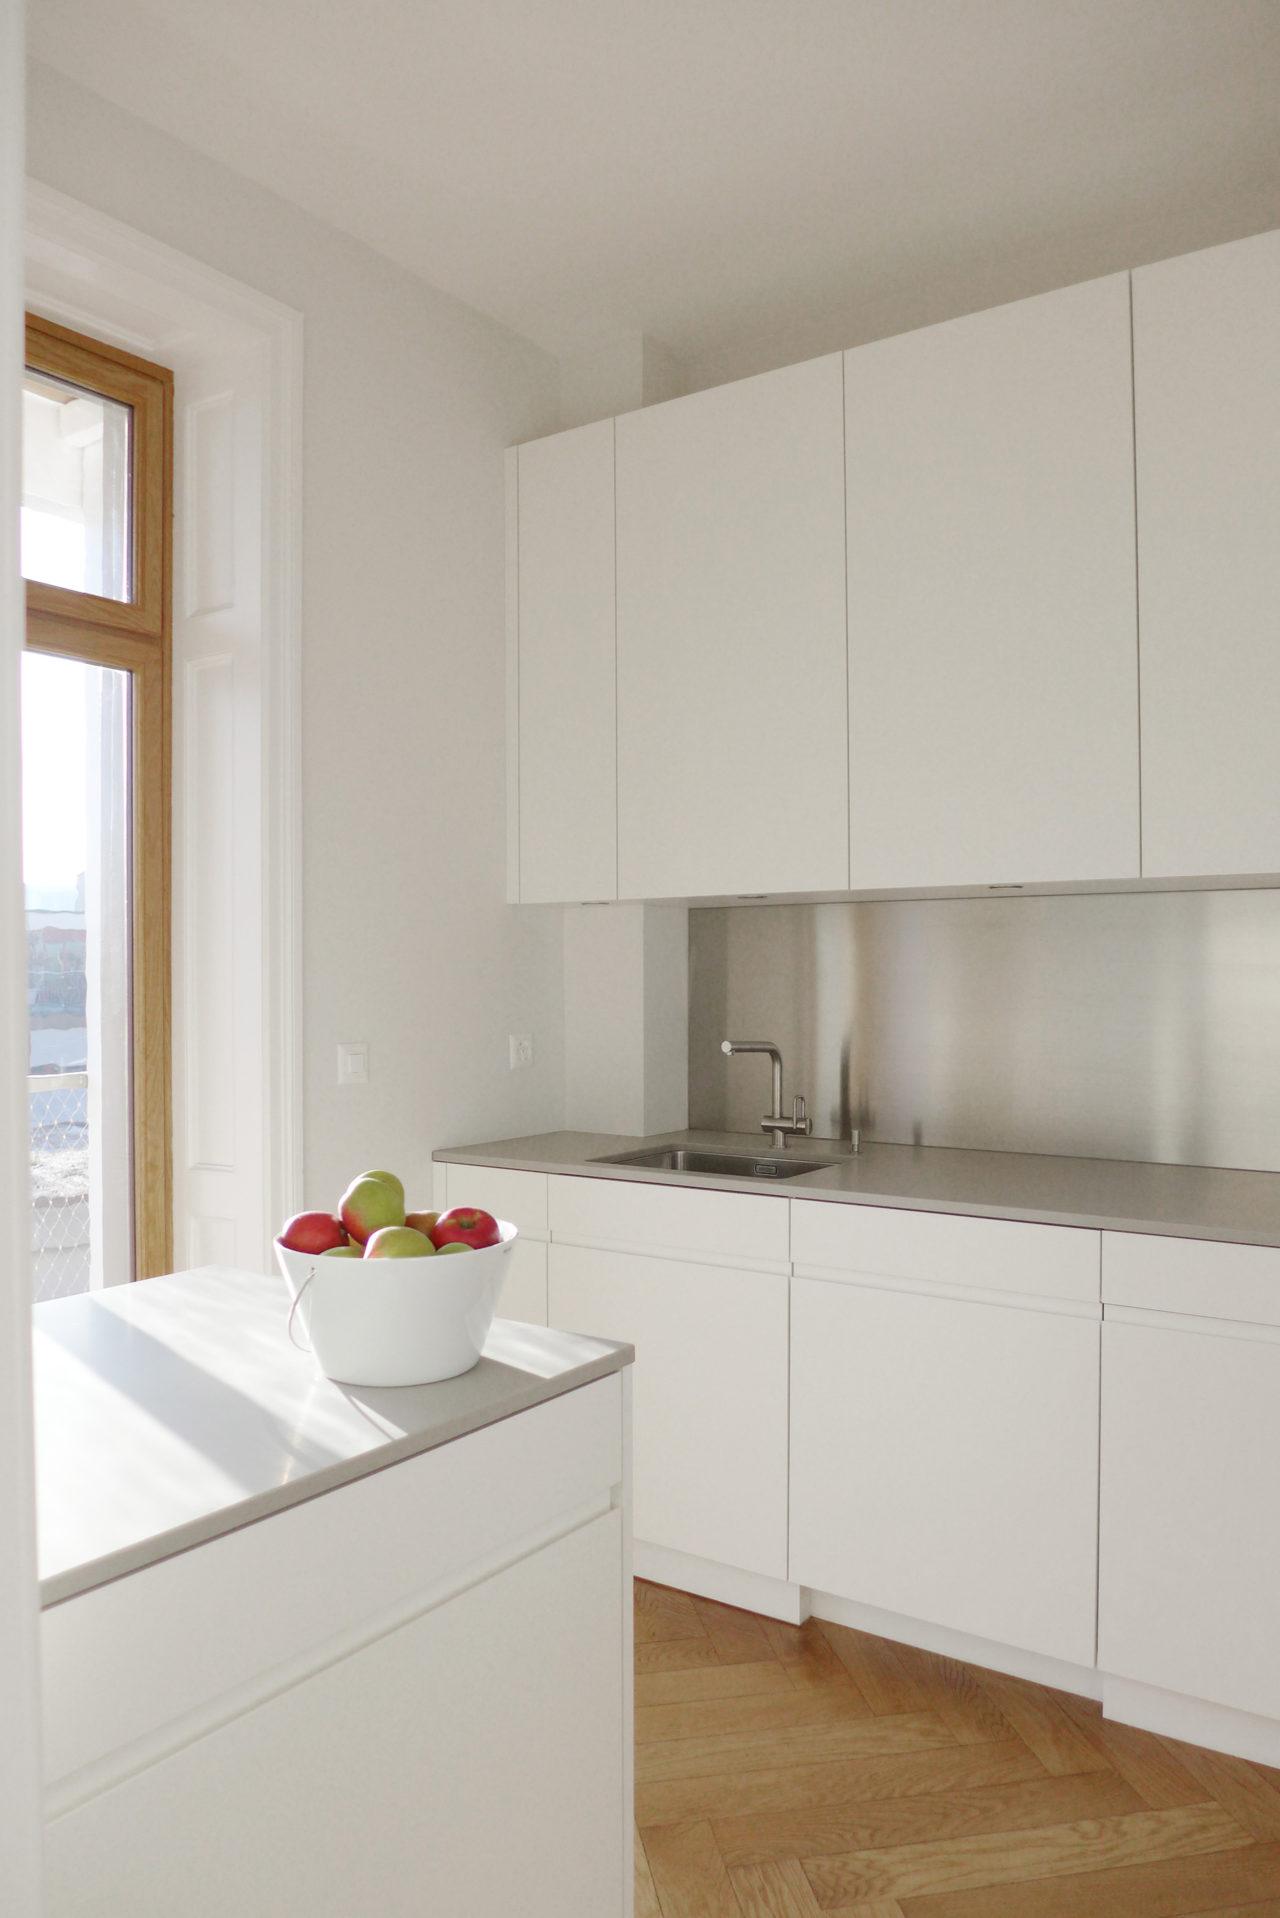 Küche im 1.Obergeschoss nach Umbau und Ausbau (Dachausbau)von Architekturbüro Forsberg in Basel